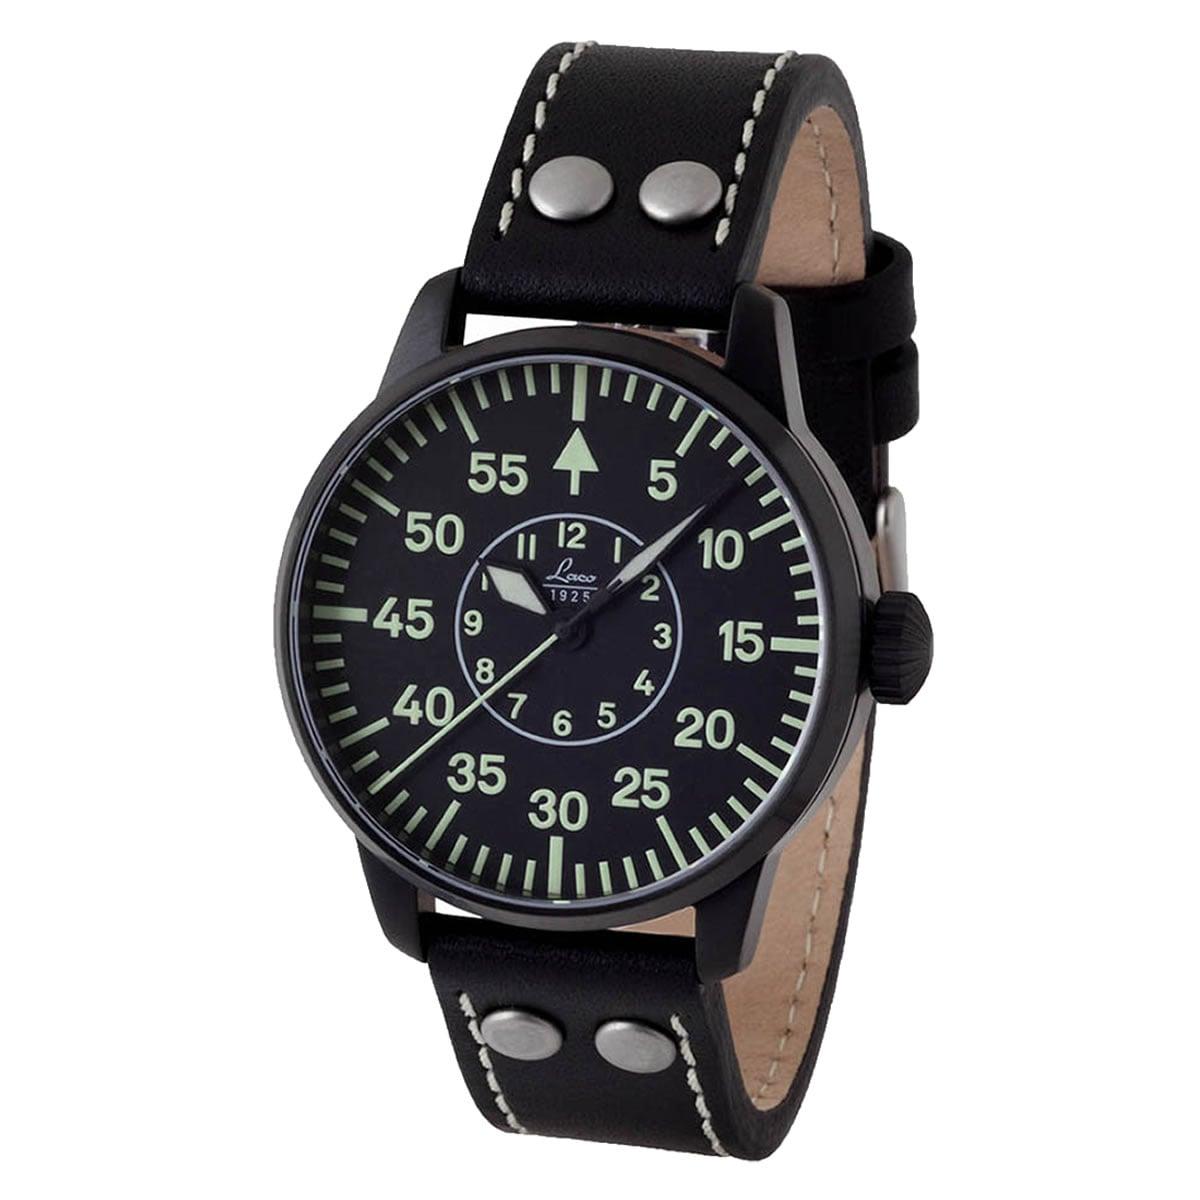 Laco ラコ 軍用時計 ミリタリーウォッチ